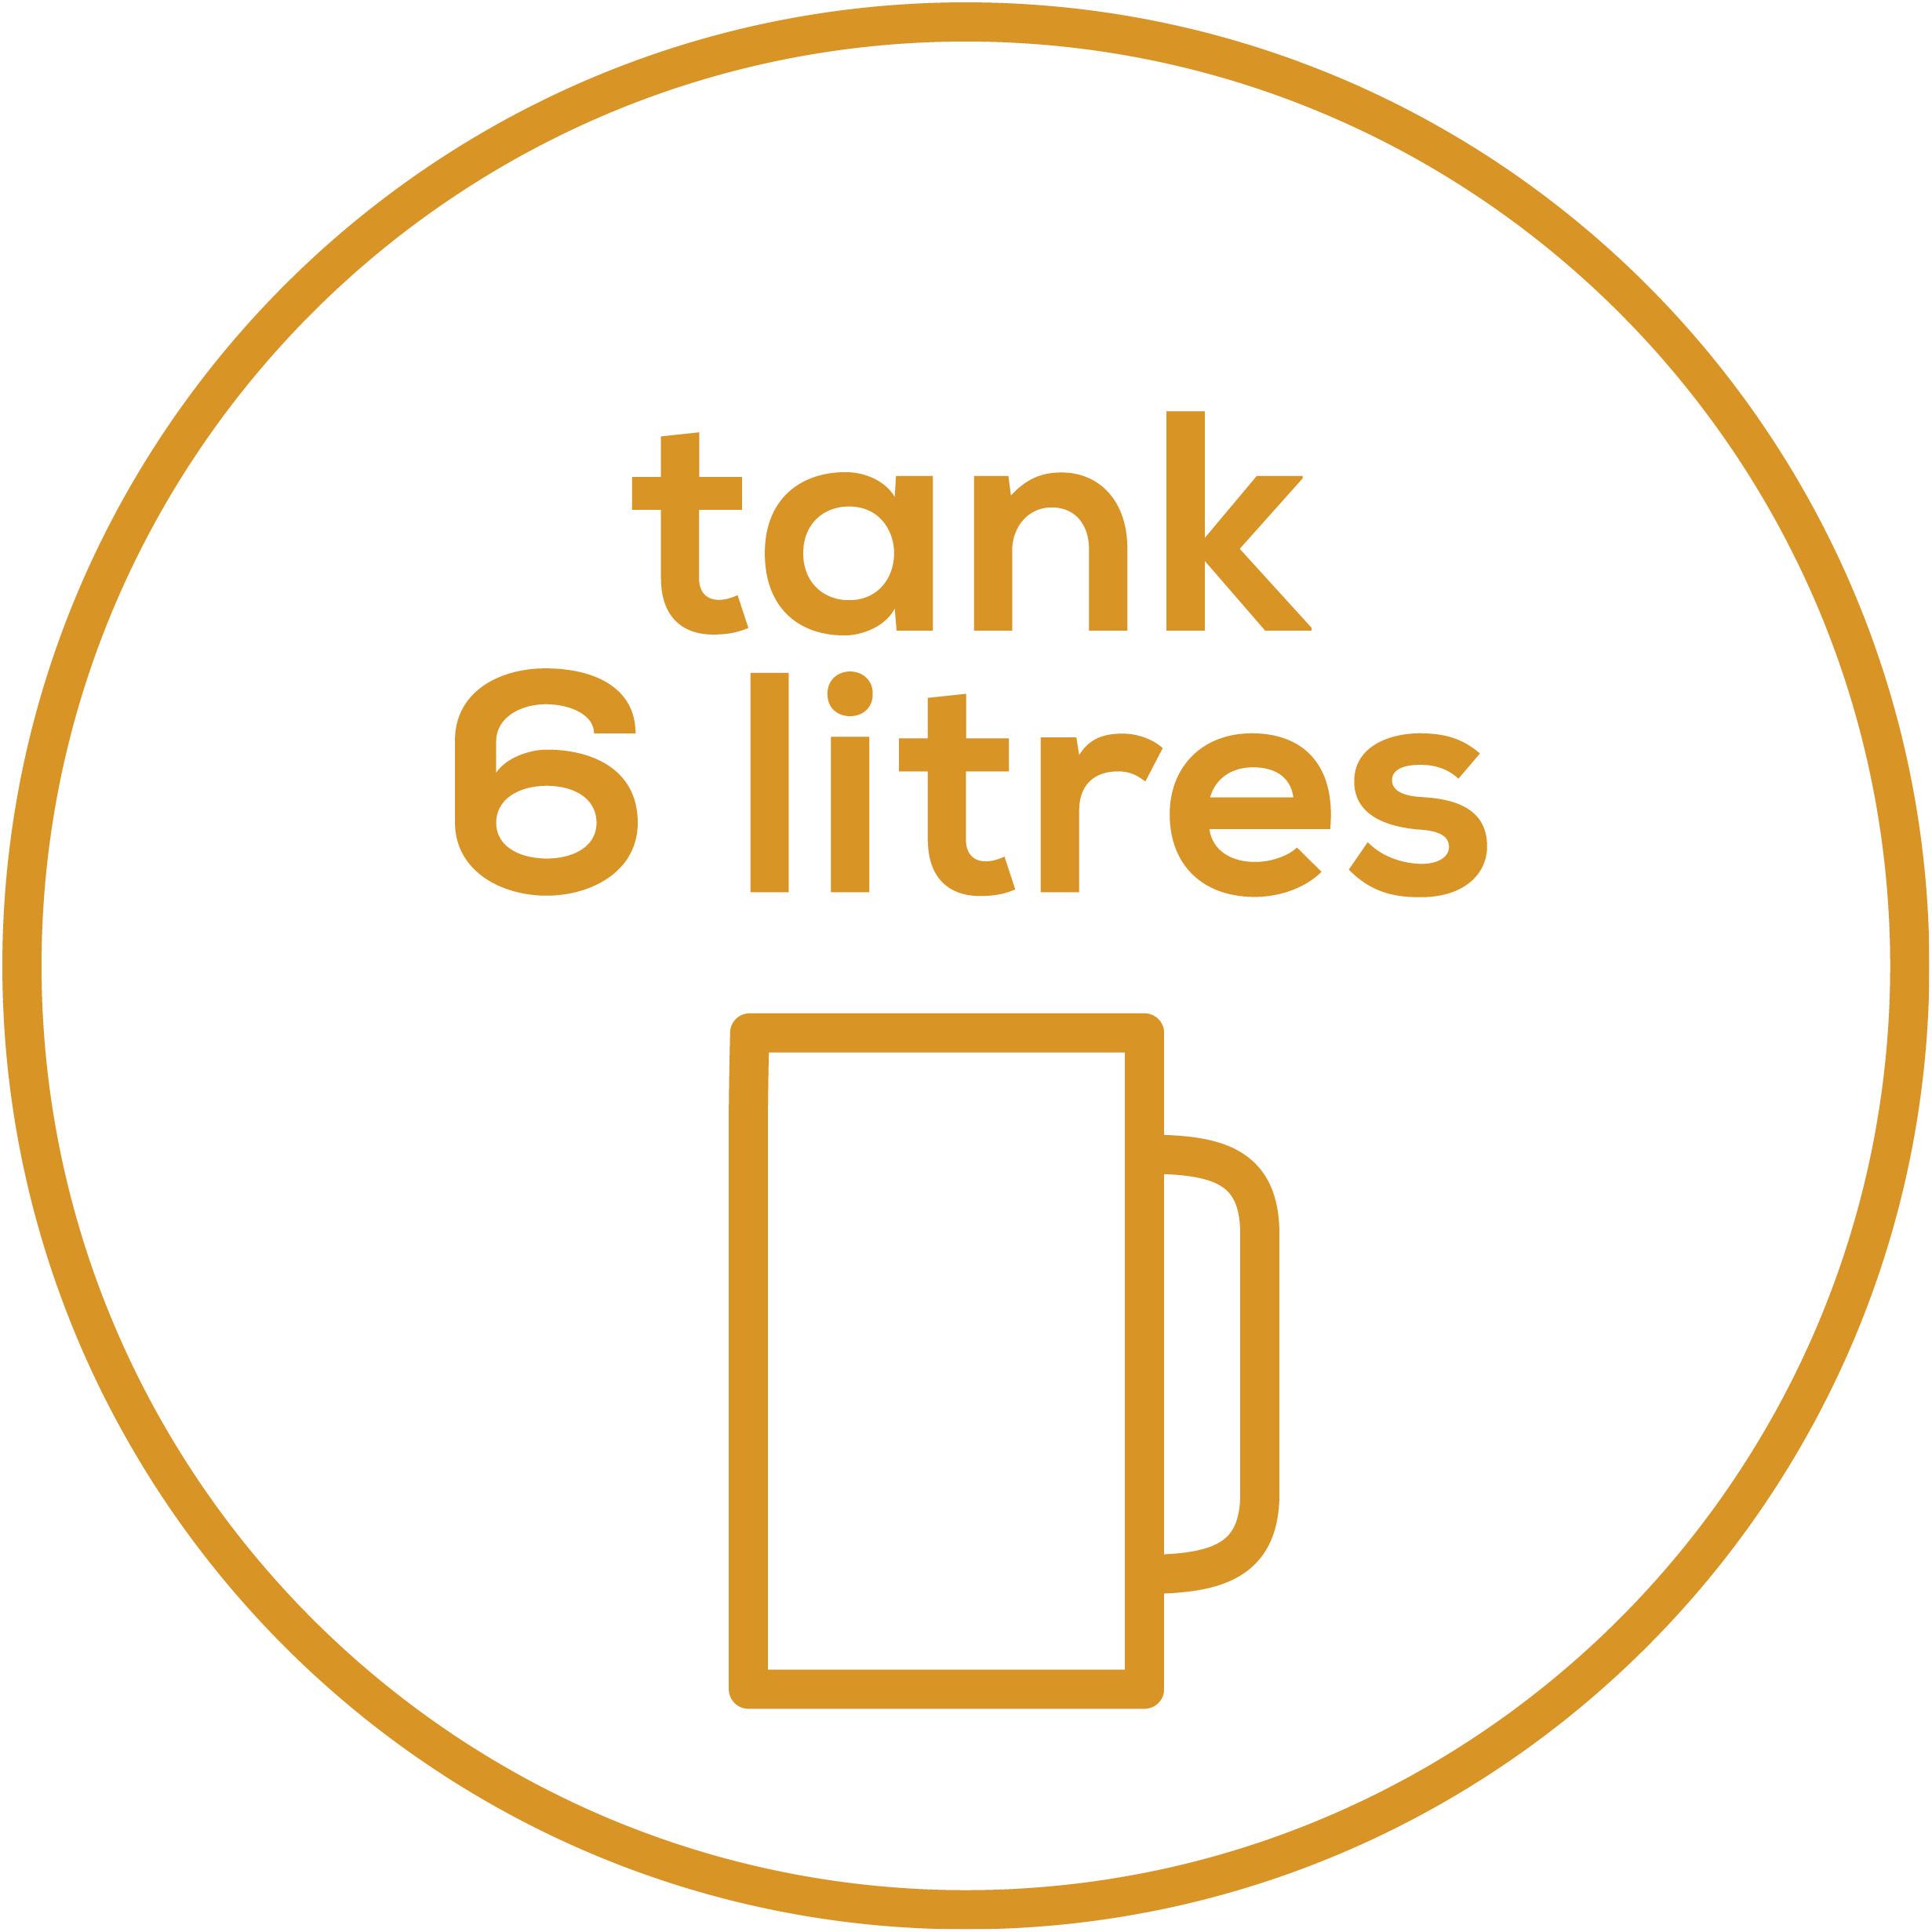 Tank size 6 l